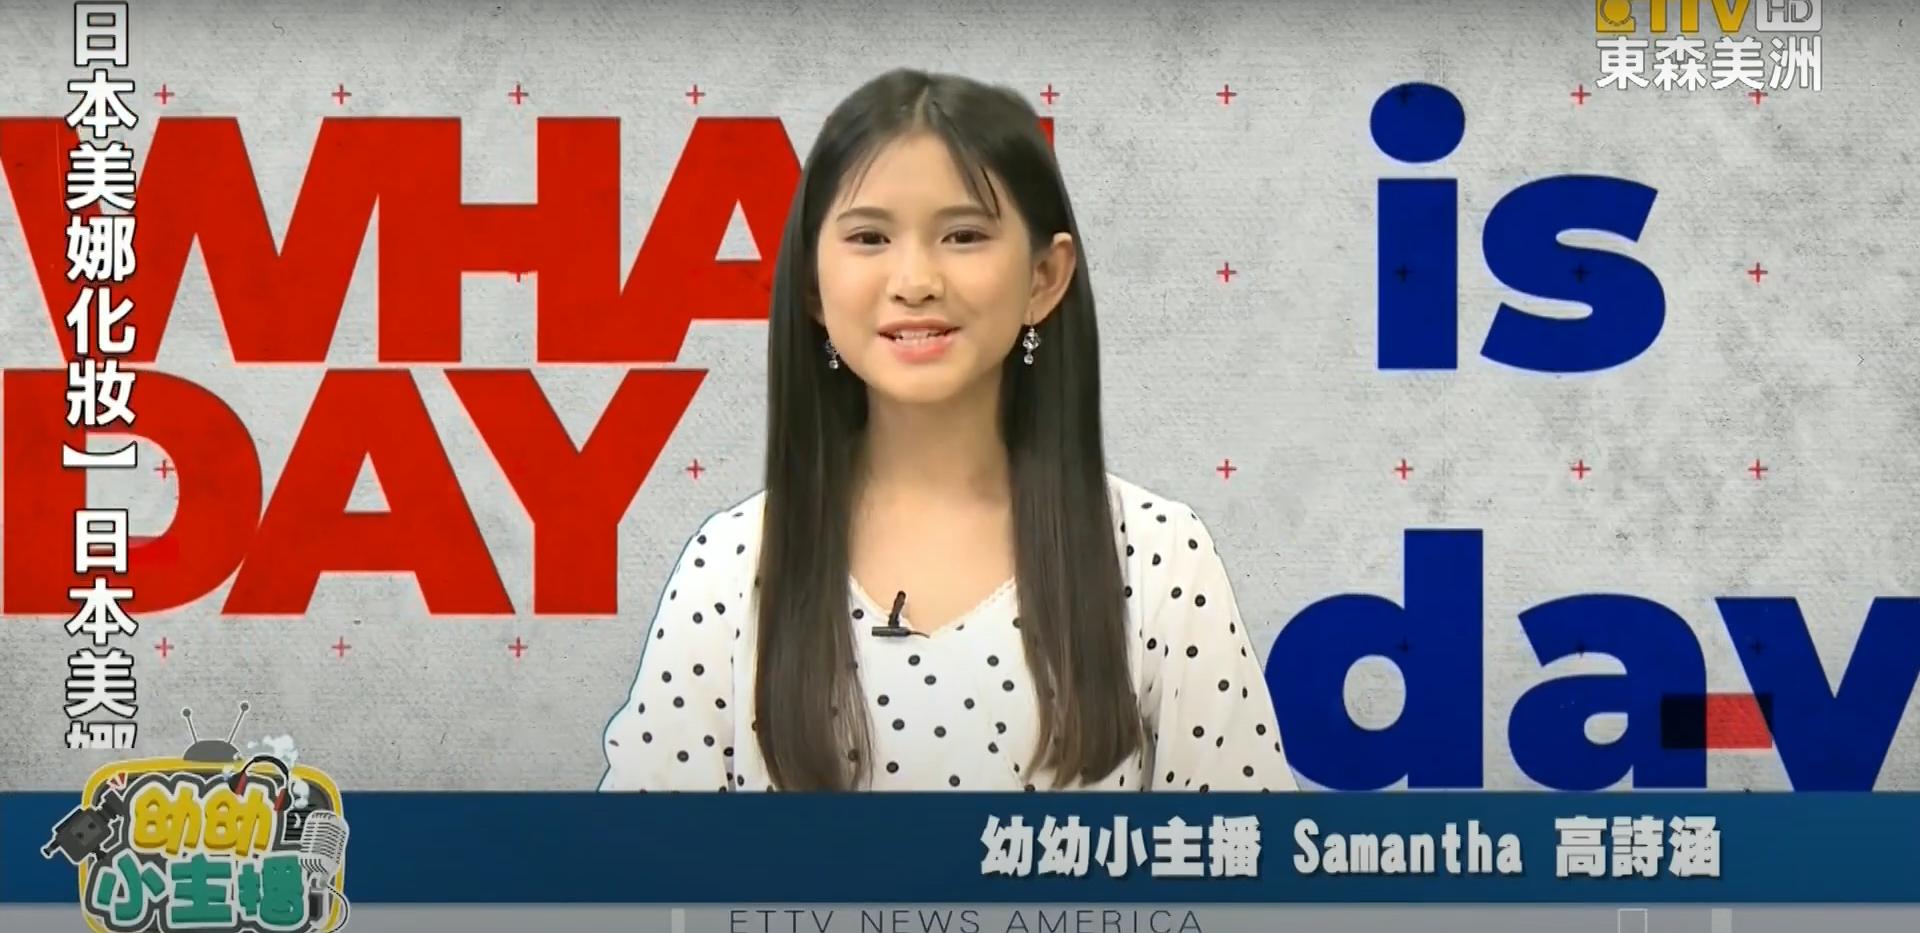 小主播Samantha:7月25日「國家家長日」感謝爸媽的無私奉獻